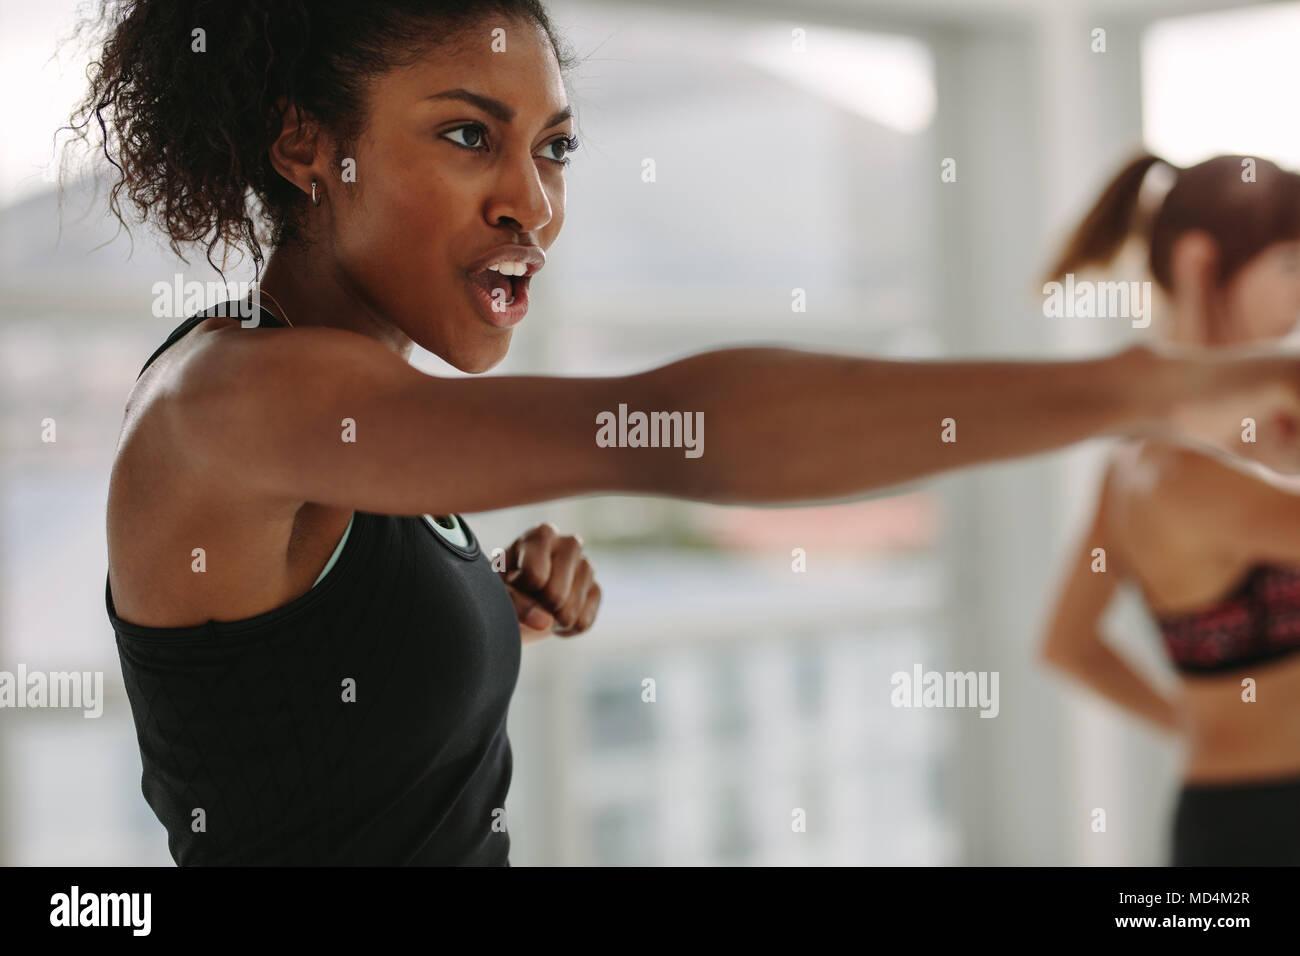 Joven africano realizando intensos trabajos de perforación en el gimnasio. Joven Mujer slim en ropa deportiva haciendo ejercicio durante el intenso entrenamiento de circuito. Imagen De Stock